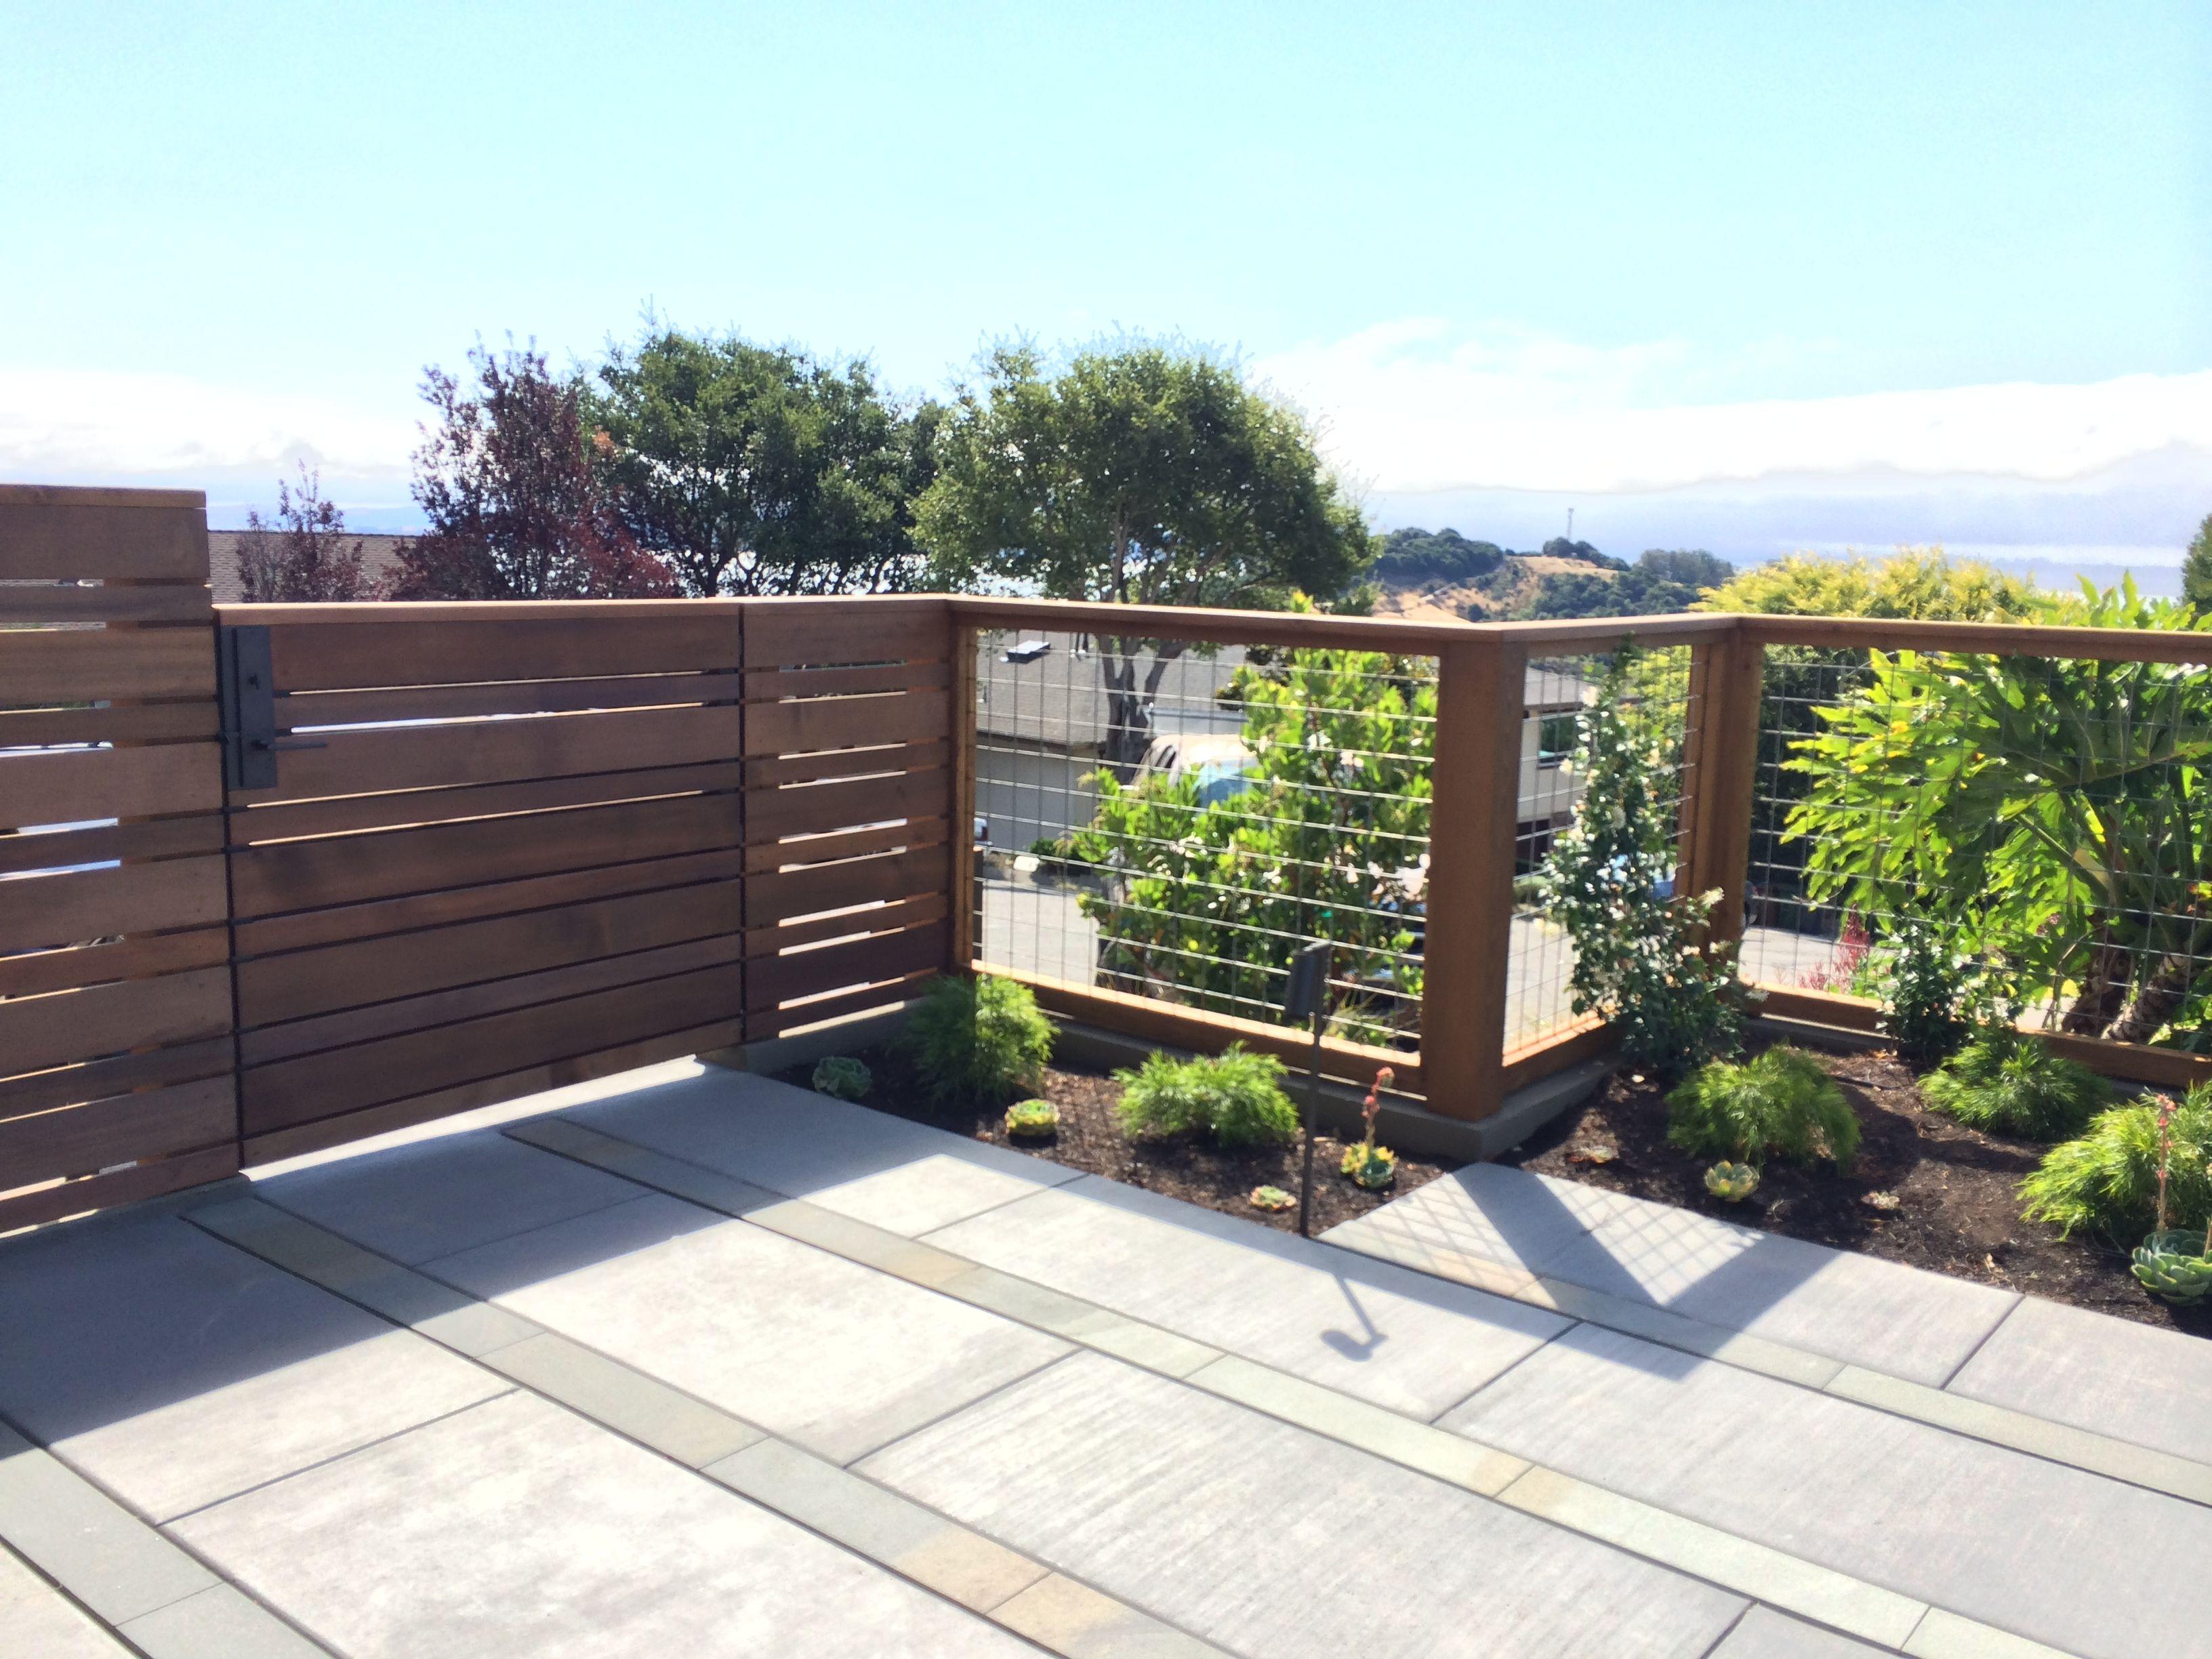 modern horizontal cedar fencing w hogwire fencing panels